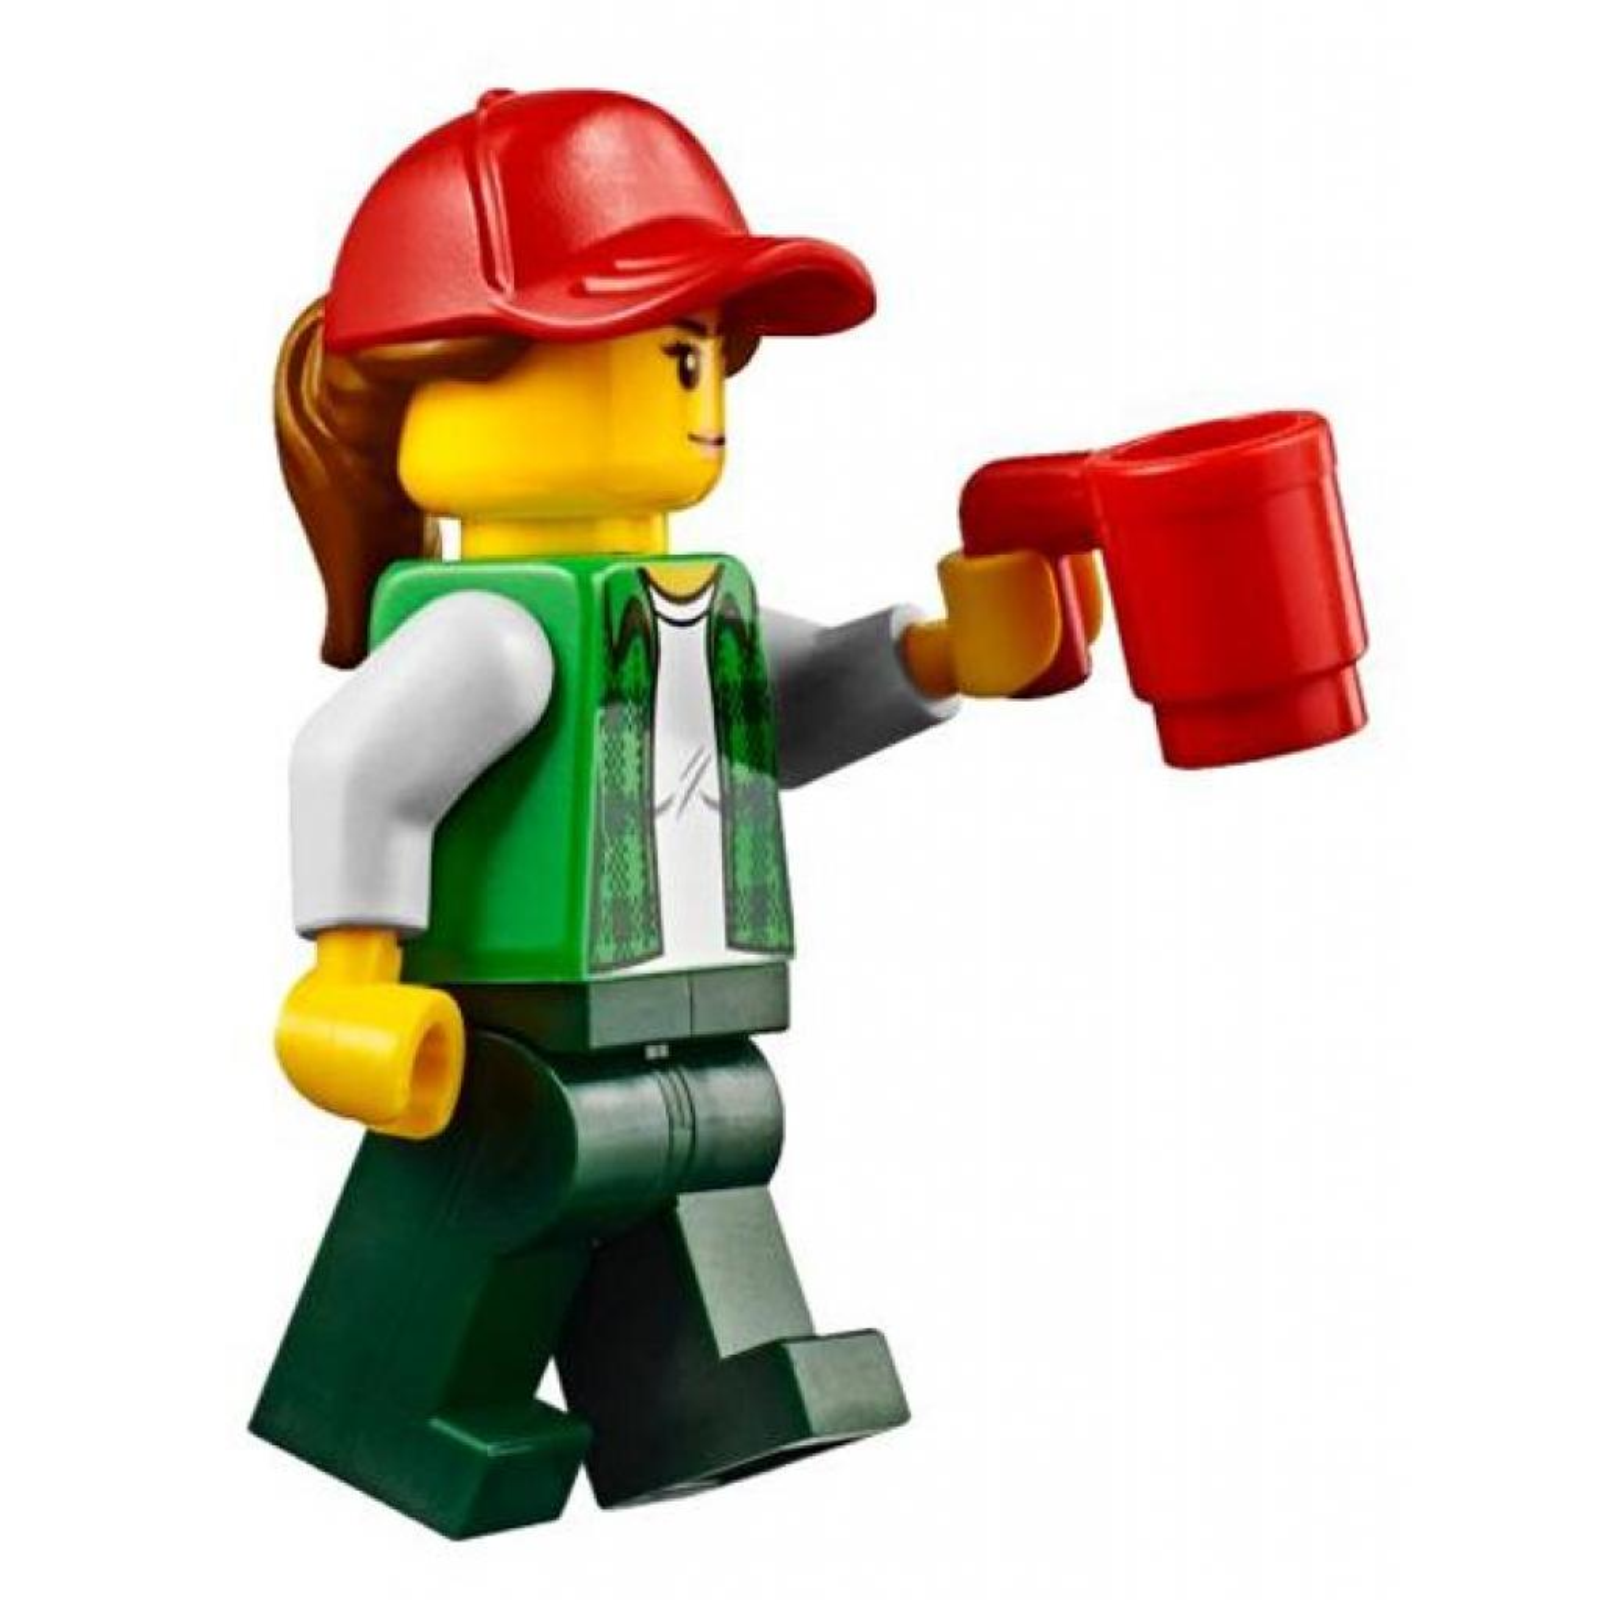 Конструктор LEGO City Перевозка тяжелых грузов (60183) изображение 9